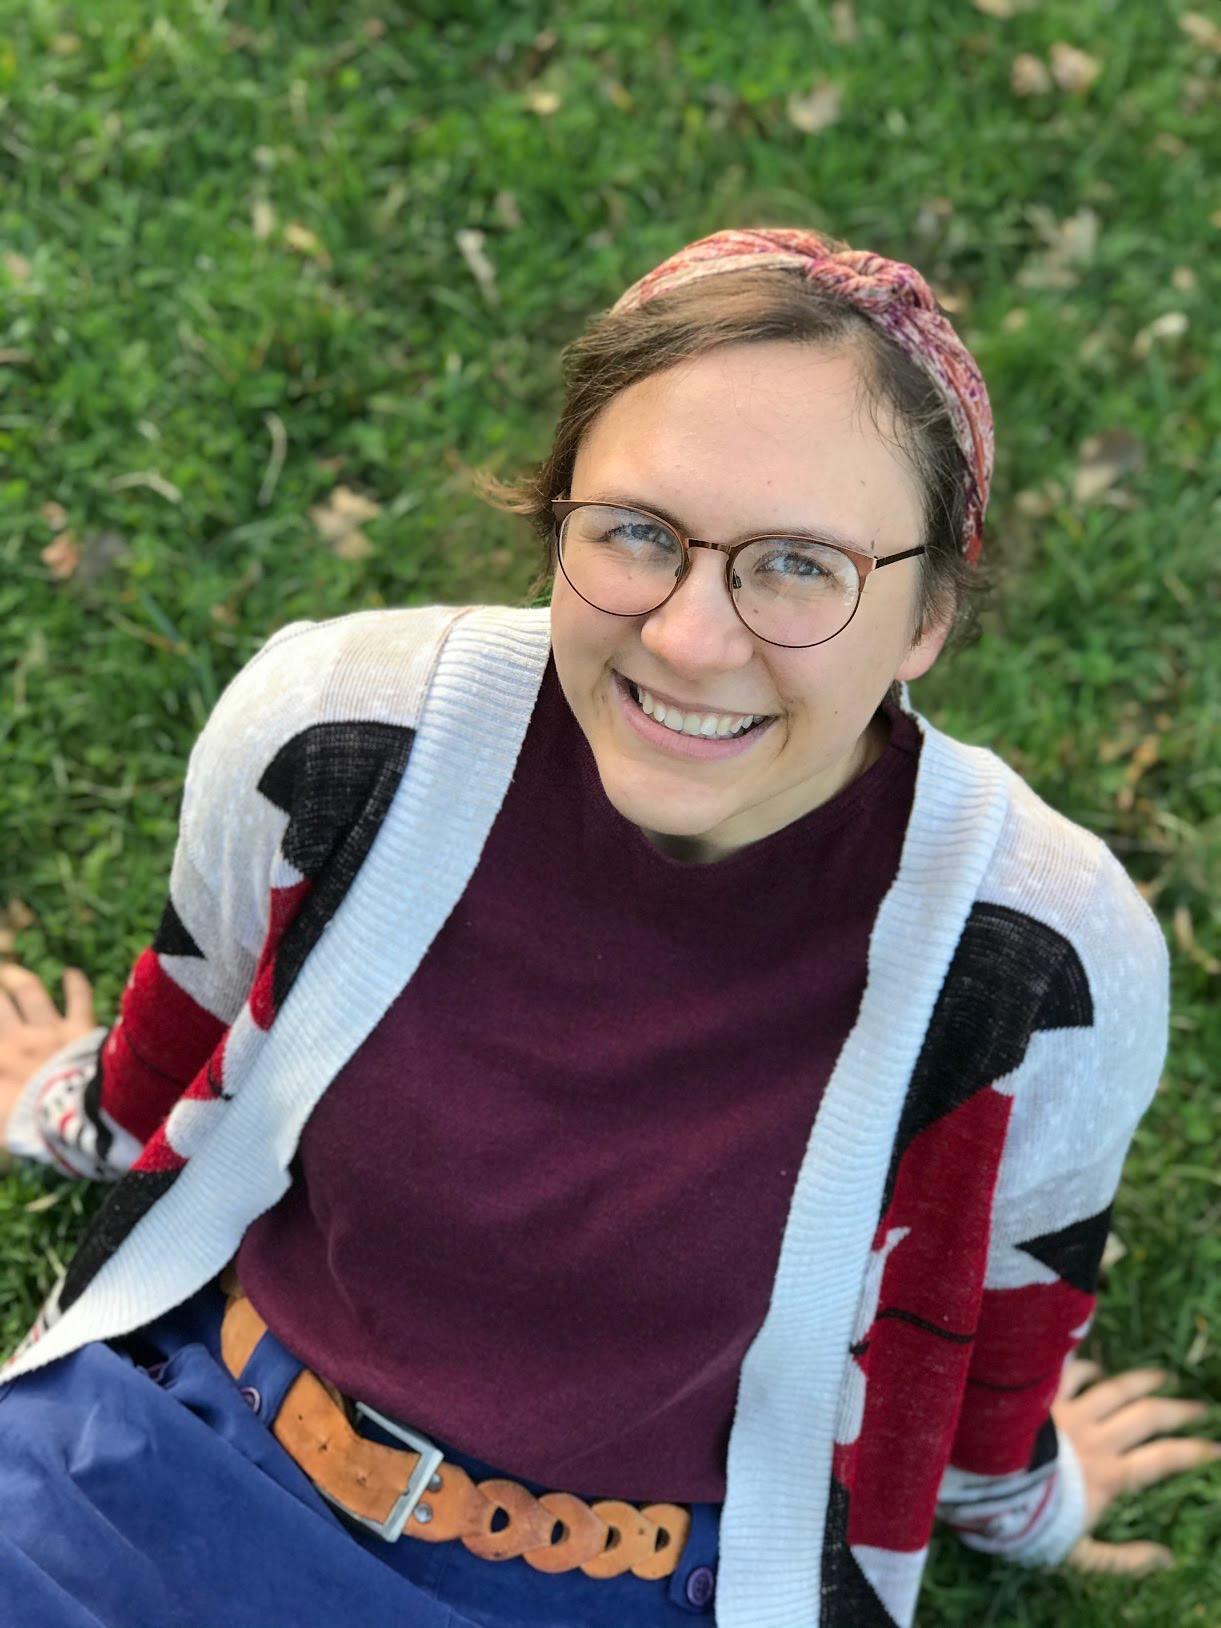 Joanna Yoder